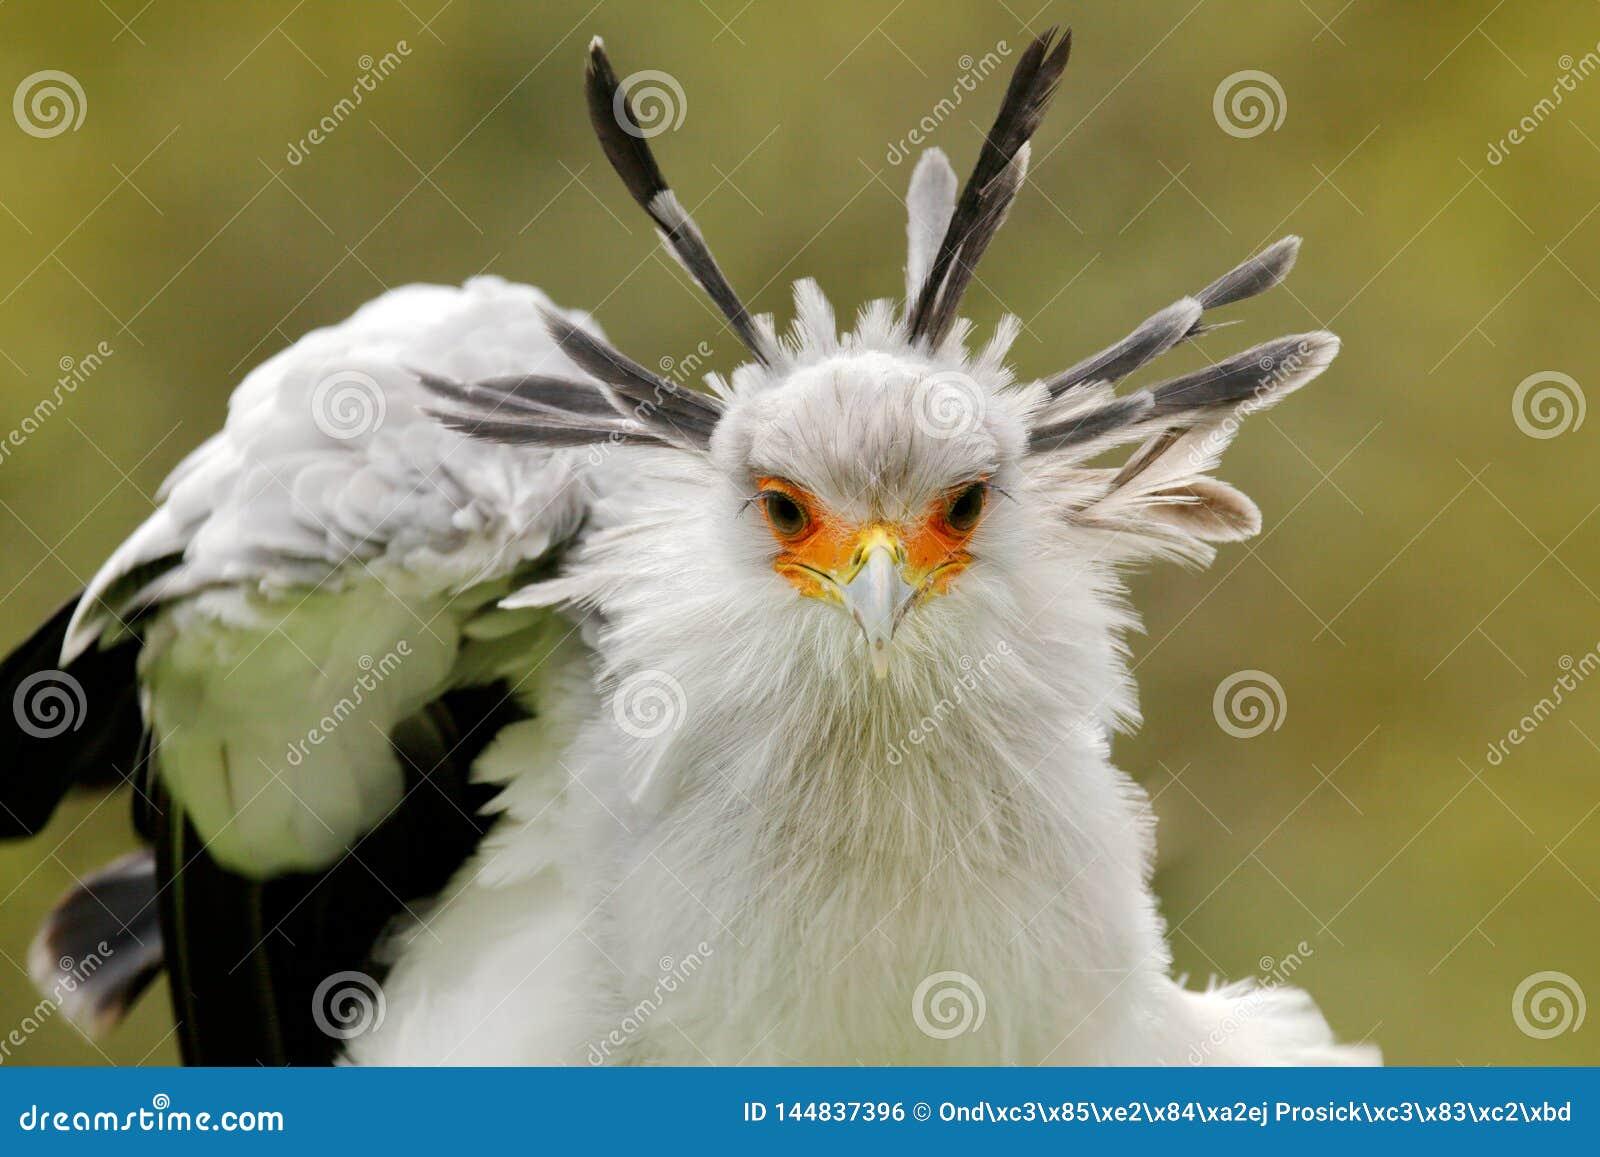 Secretaresse Bird, Boogschutterserpentarius, Portret van aardige grijze roofvogel met oranje gezicht, Kenia, Afrika Het wildsc?ne